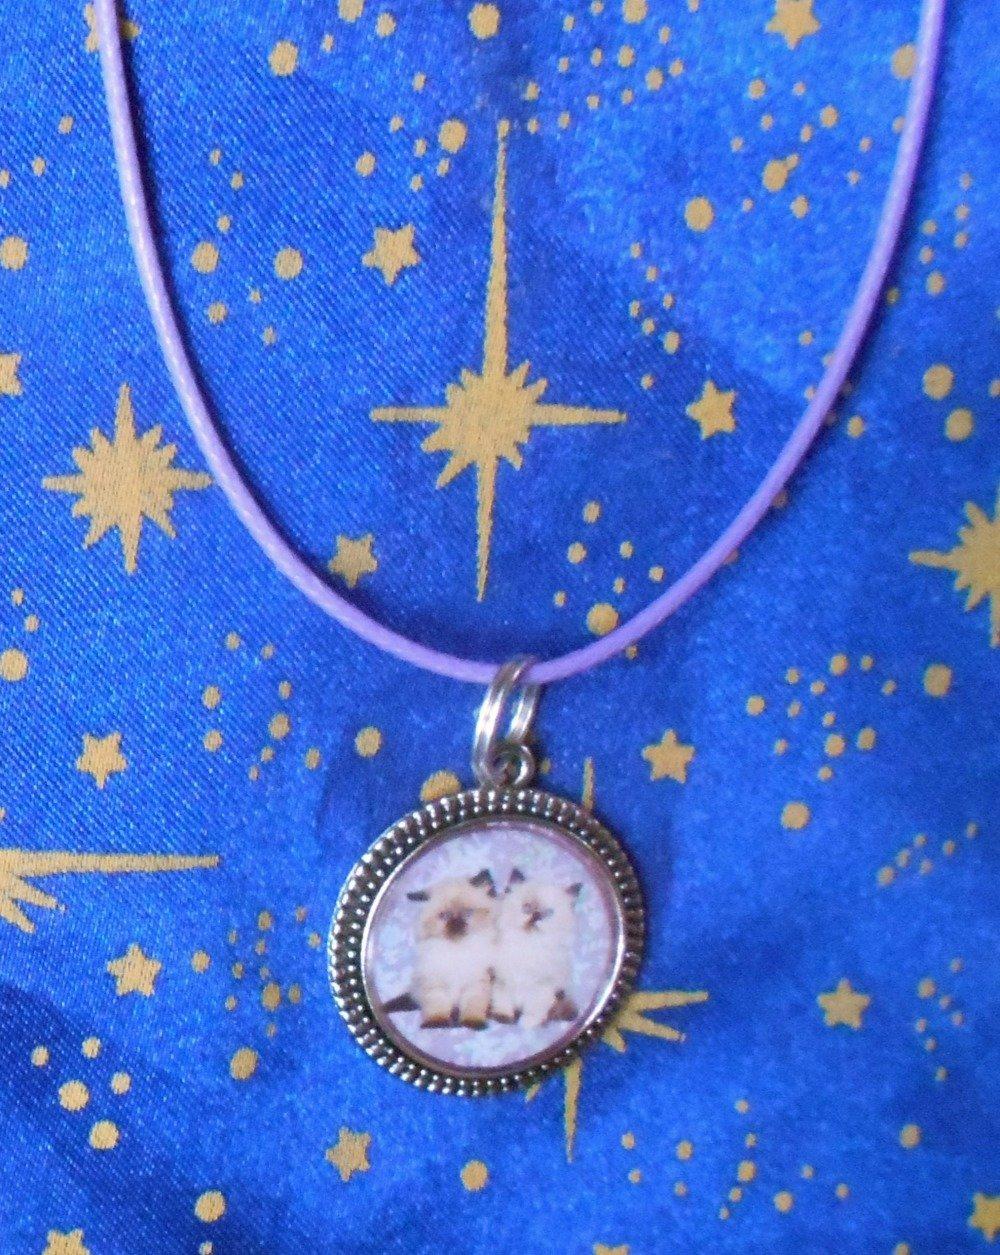 Médaillon en alliage argent/étain avec dot's image chatons tons blanc et noir sur fonds mauve de 20mm de diamètre.